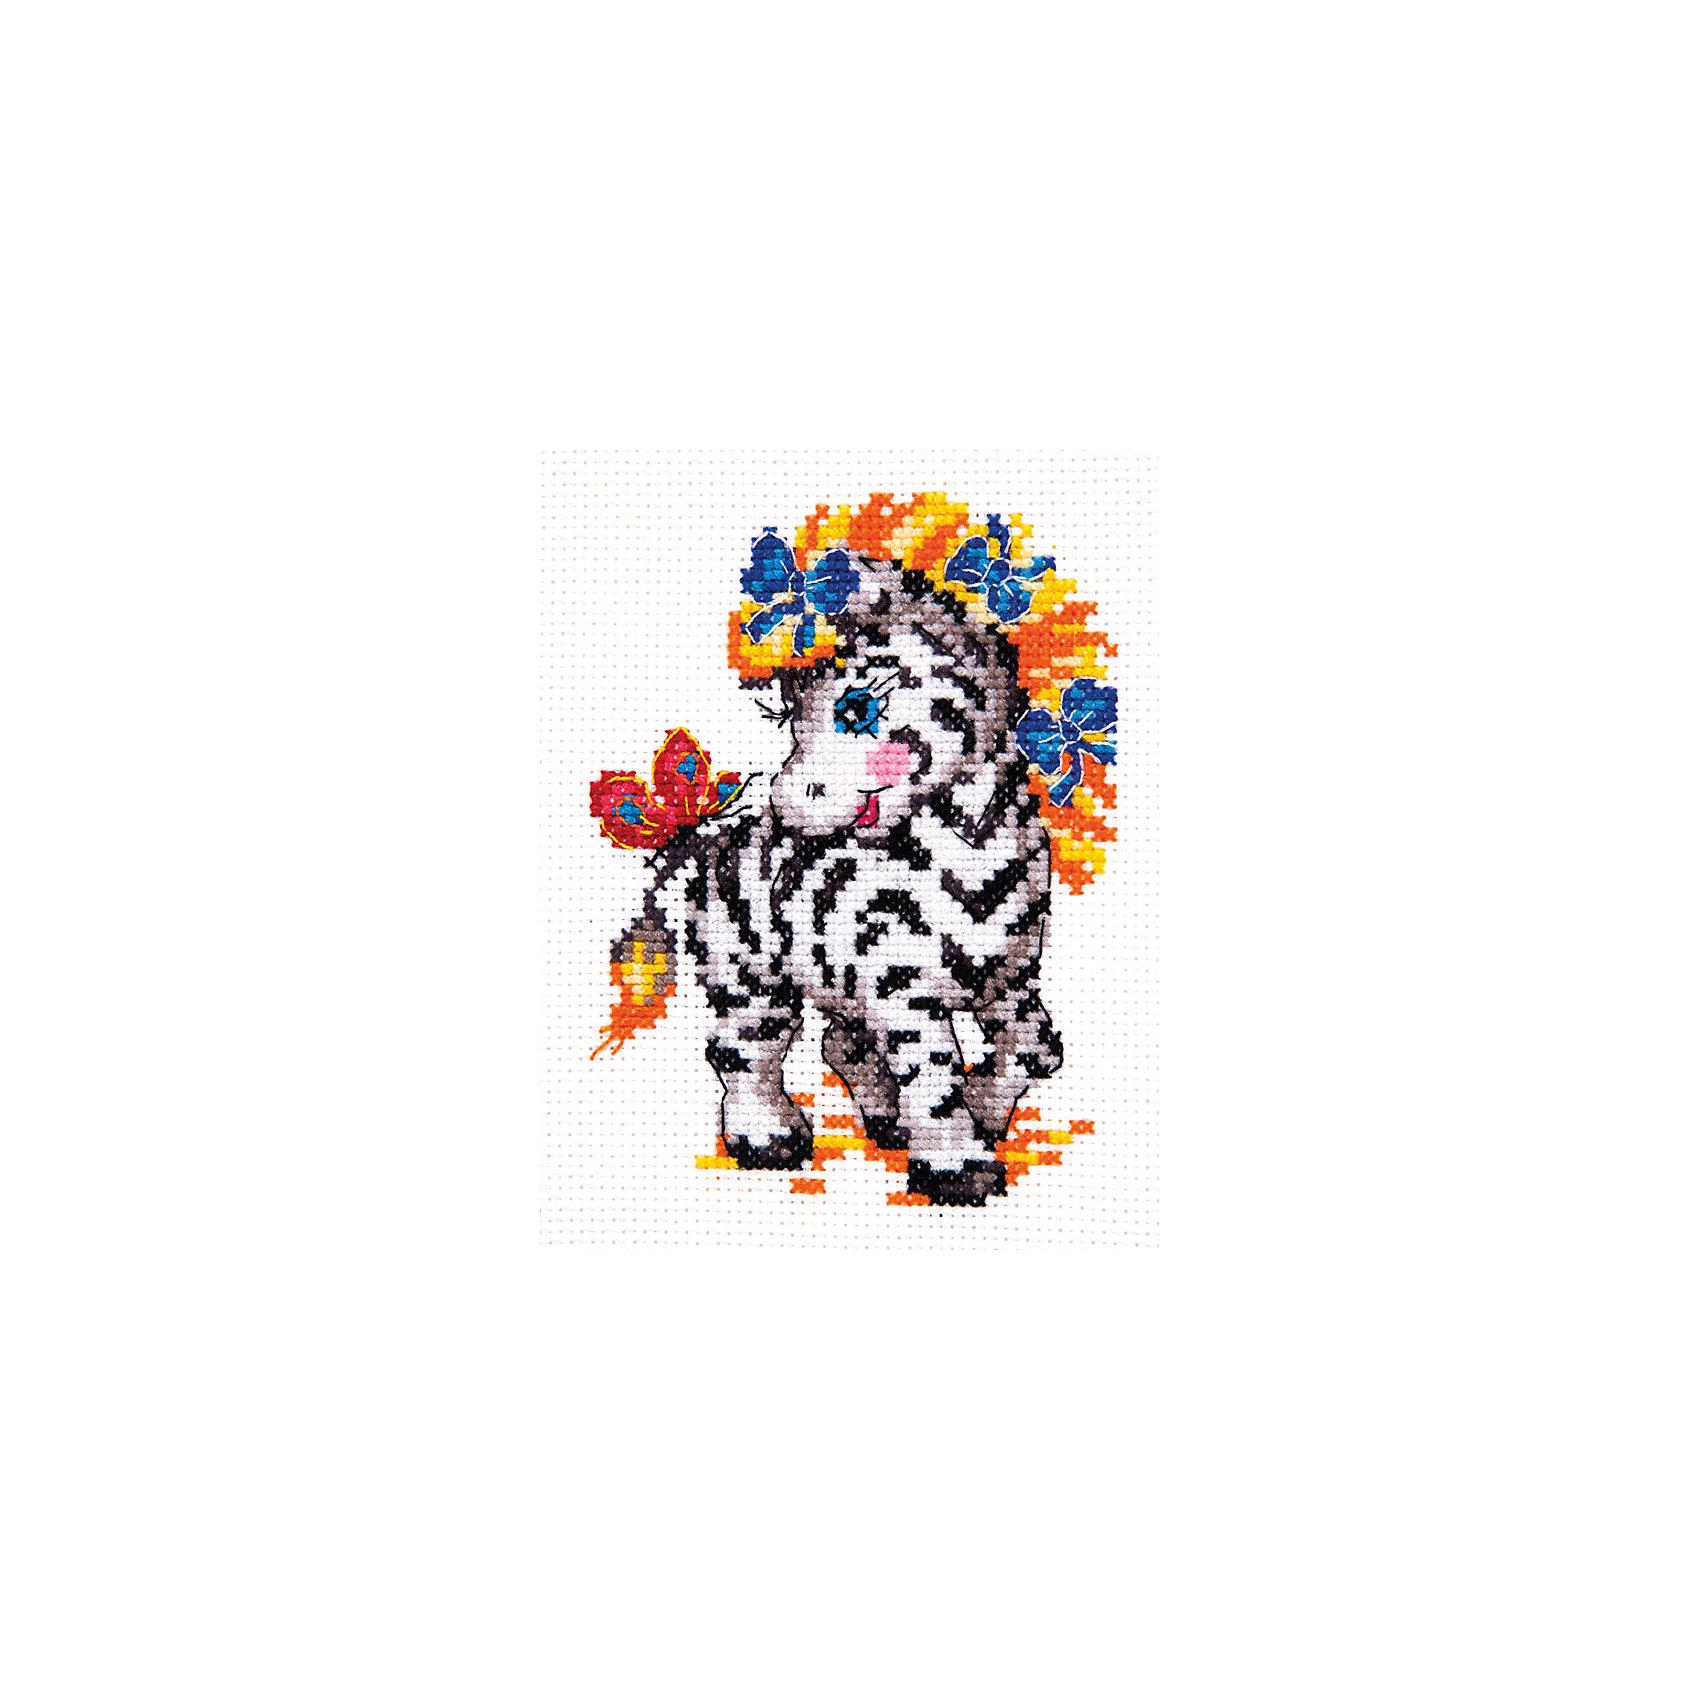 Набор для вышивания крестом «Малышка зебра»Набор для вышивания крестом «Малышка зебра» – это отличный подарок для маленьких рукодельниц!<br>Набор для вышивания крестом «Малышка зебра», несомненно, доставит удовольствие каждому ребенку. Вышивание - очень увлекательное занятие. Простота исполнения основного элемента (крестика) позволит даже начинающему любителю рукоделия достичь потрясающего результата. На вышивке изображена красавица зебра с гривой украшенной бантиками, а на хвосте у зебры сидит яркая бабочка. Схема вышивки детально проработана. Набор порадует вас насыщенными красками, идеально подобранными нитками, а также канвой, которая имеет равномерную структуру, образующую отчетливые квадратики и отверстия в углах этих квадратов, облегчающие проведение иглы и весь процесс вышивки. А законченная вышивка прекрасно украсит любой интерьер, создаст уютную атмосферу в доме или станет самым ценным для друзей и знакомых. Вышивание крестиком поможет ребенку научиться пользоваться инструментами для шитья и поспособствует развитию творческих способностей.<br><br>Дополнительная информация:<br><br>- В наборе: нитки мулине 12 цветов; игла для вышивания №24; канва Аида 14, белого цвета (без рисунка); цветная схема для вышивания; краткая инструкция на русском языке<br>- Мулине: 100% хлопок<br>- Канва Аида 14: 100% хлопок, 55 клеточек на 10 см.<br>- Размер готового изделия: 9 х 12 см.<br>- Техника: счетный крест<br>- Сложность: низкая<br><br>Набор для вышивания крестом «Малышка зебра» можно купить в нашем интернет-магазине.<br><br>Ширина мм: 250<br>Глубина мм: 150<br>Высота мм: 50<br>Вес г: 33<br>Возраст от месяцев: 84<br>Возраст до месяцев: 168<br>Пол: Женский<br>Возраст: Детский<br>SKU: 4518033